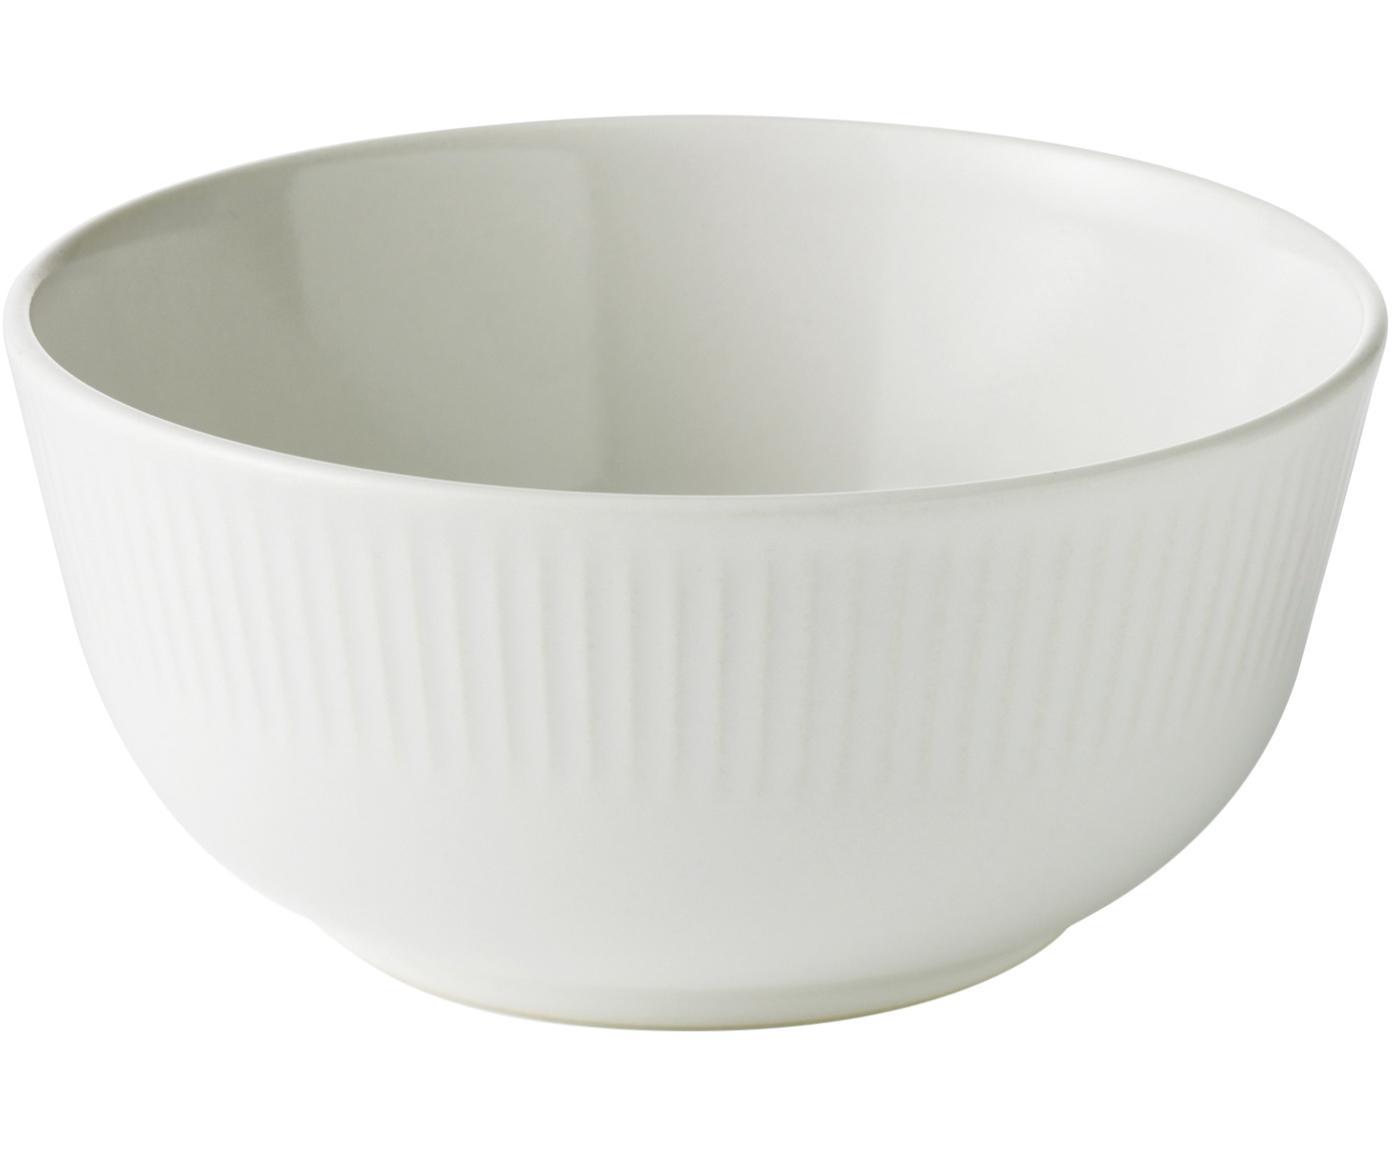 Weiße Schälchen Groove mit Rillenstruktur, 4 Stück, Steingut, Weiß, Ø 15 x H 7 cm